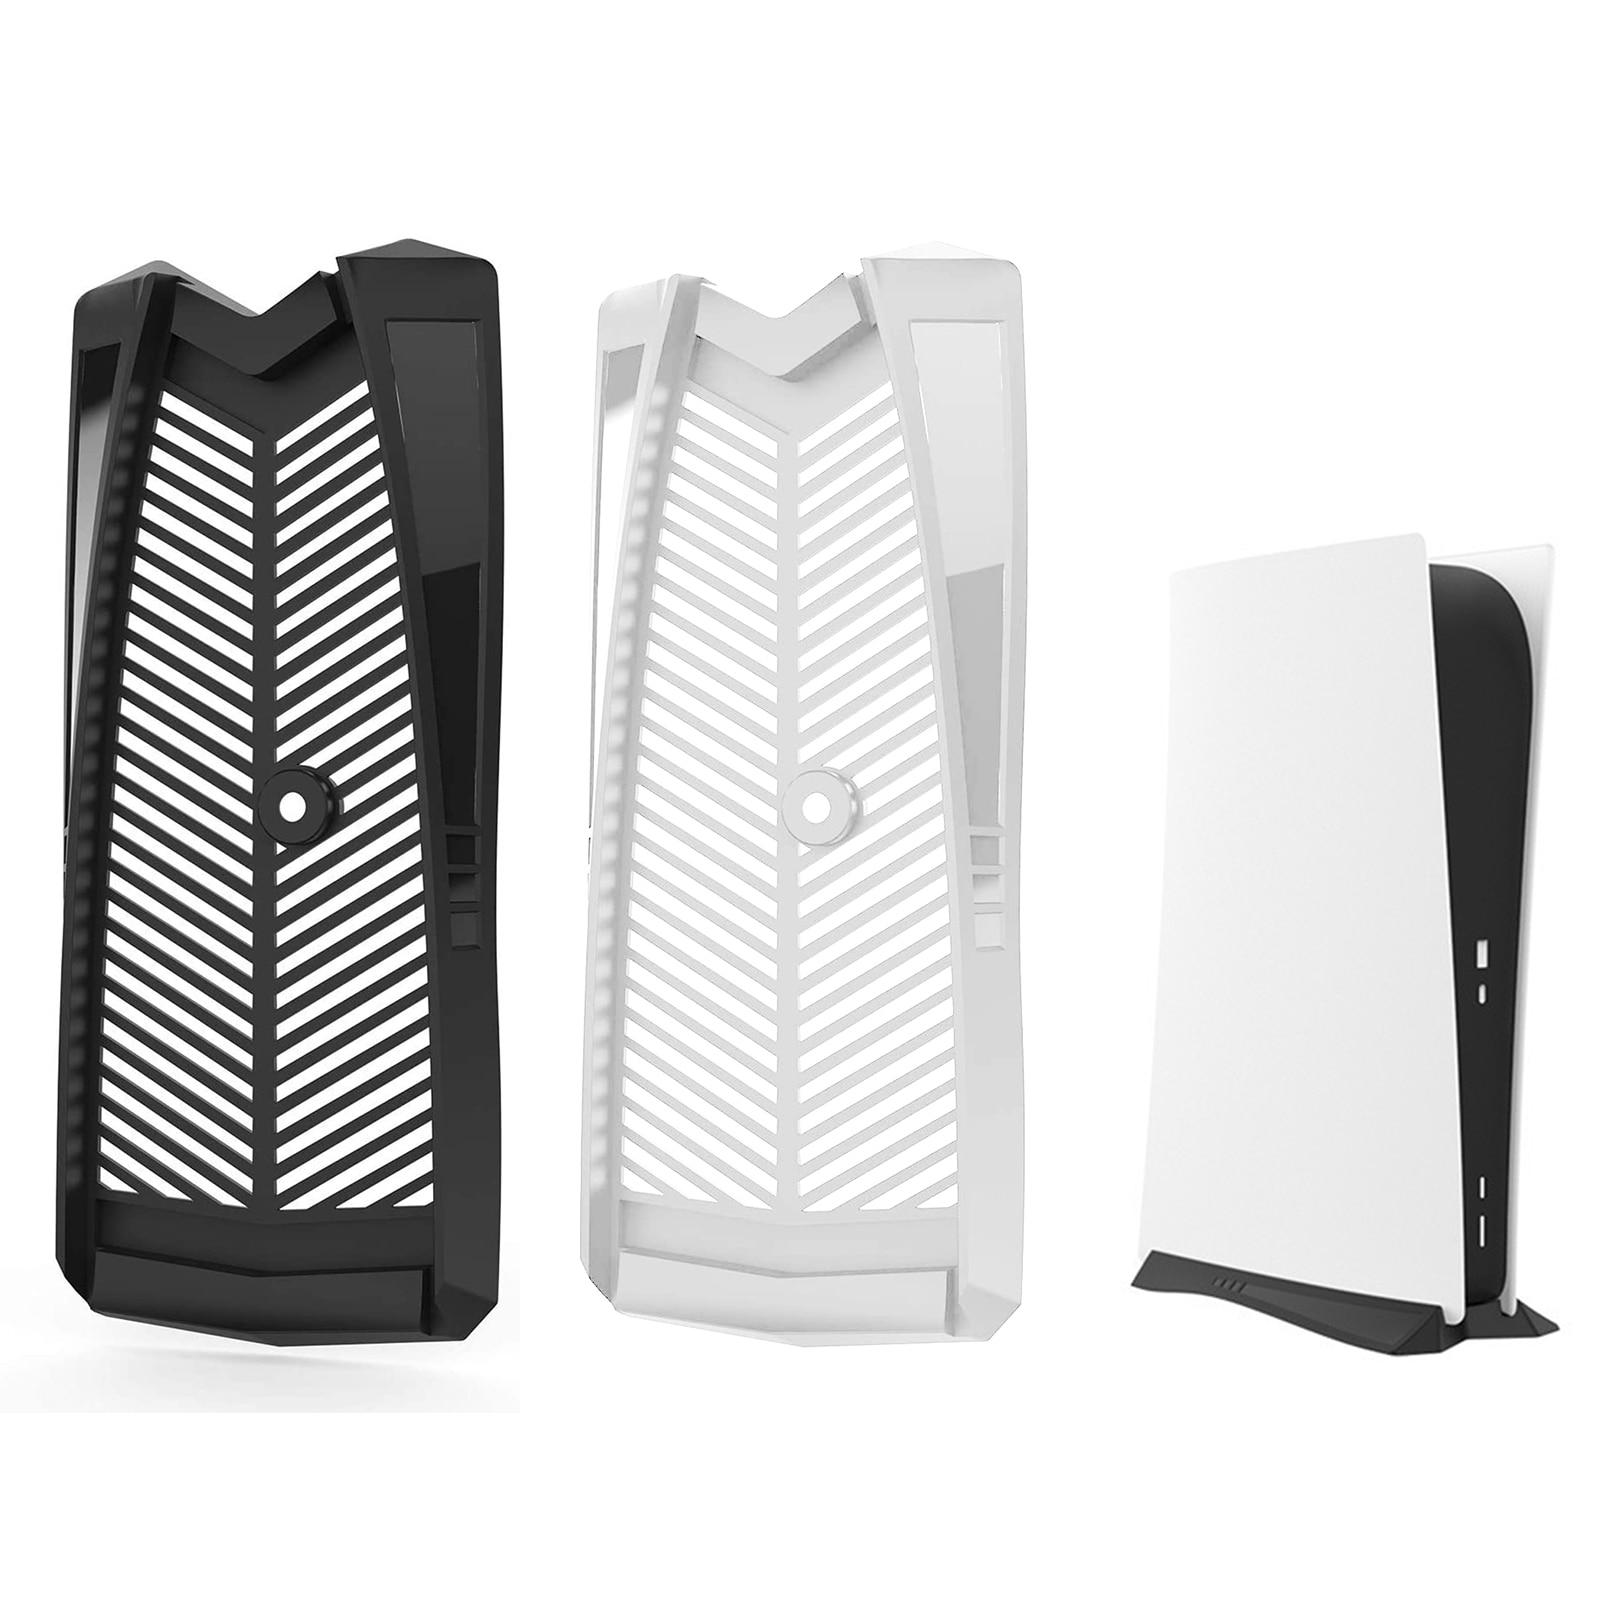 Soporte de disipación de calor para PS5, Base antideslizante duradera, accesorios para...